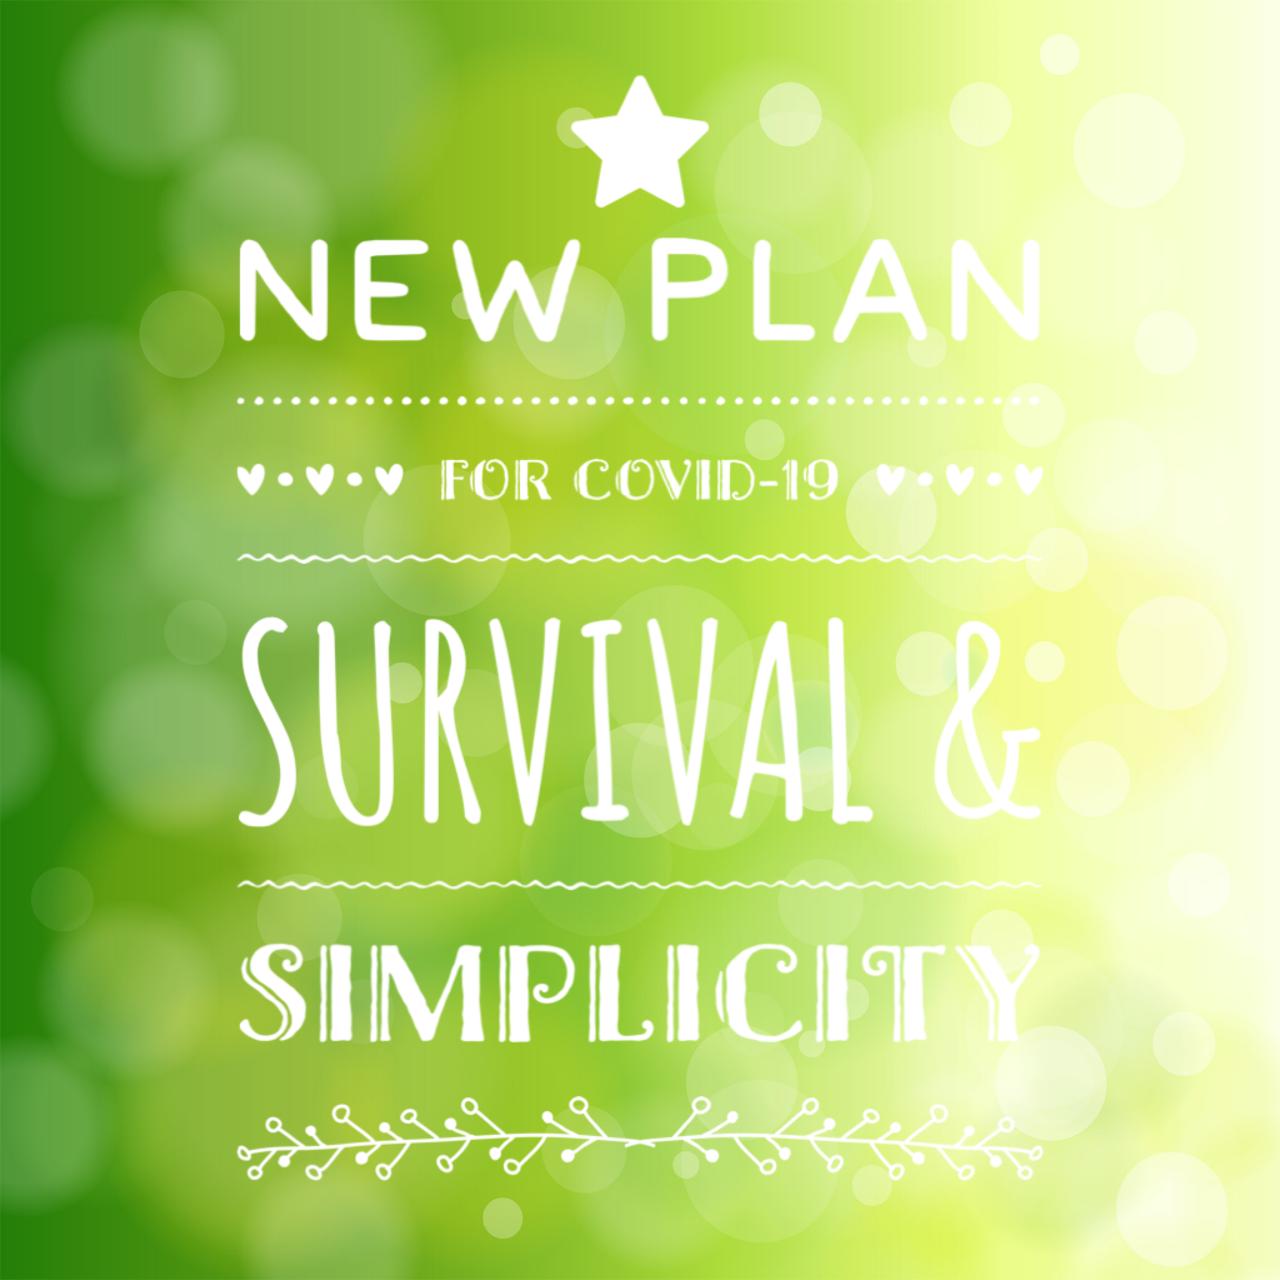 Survival & Simplicity